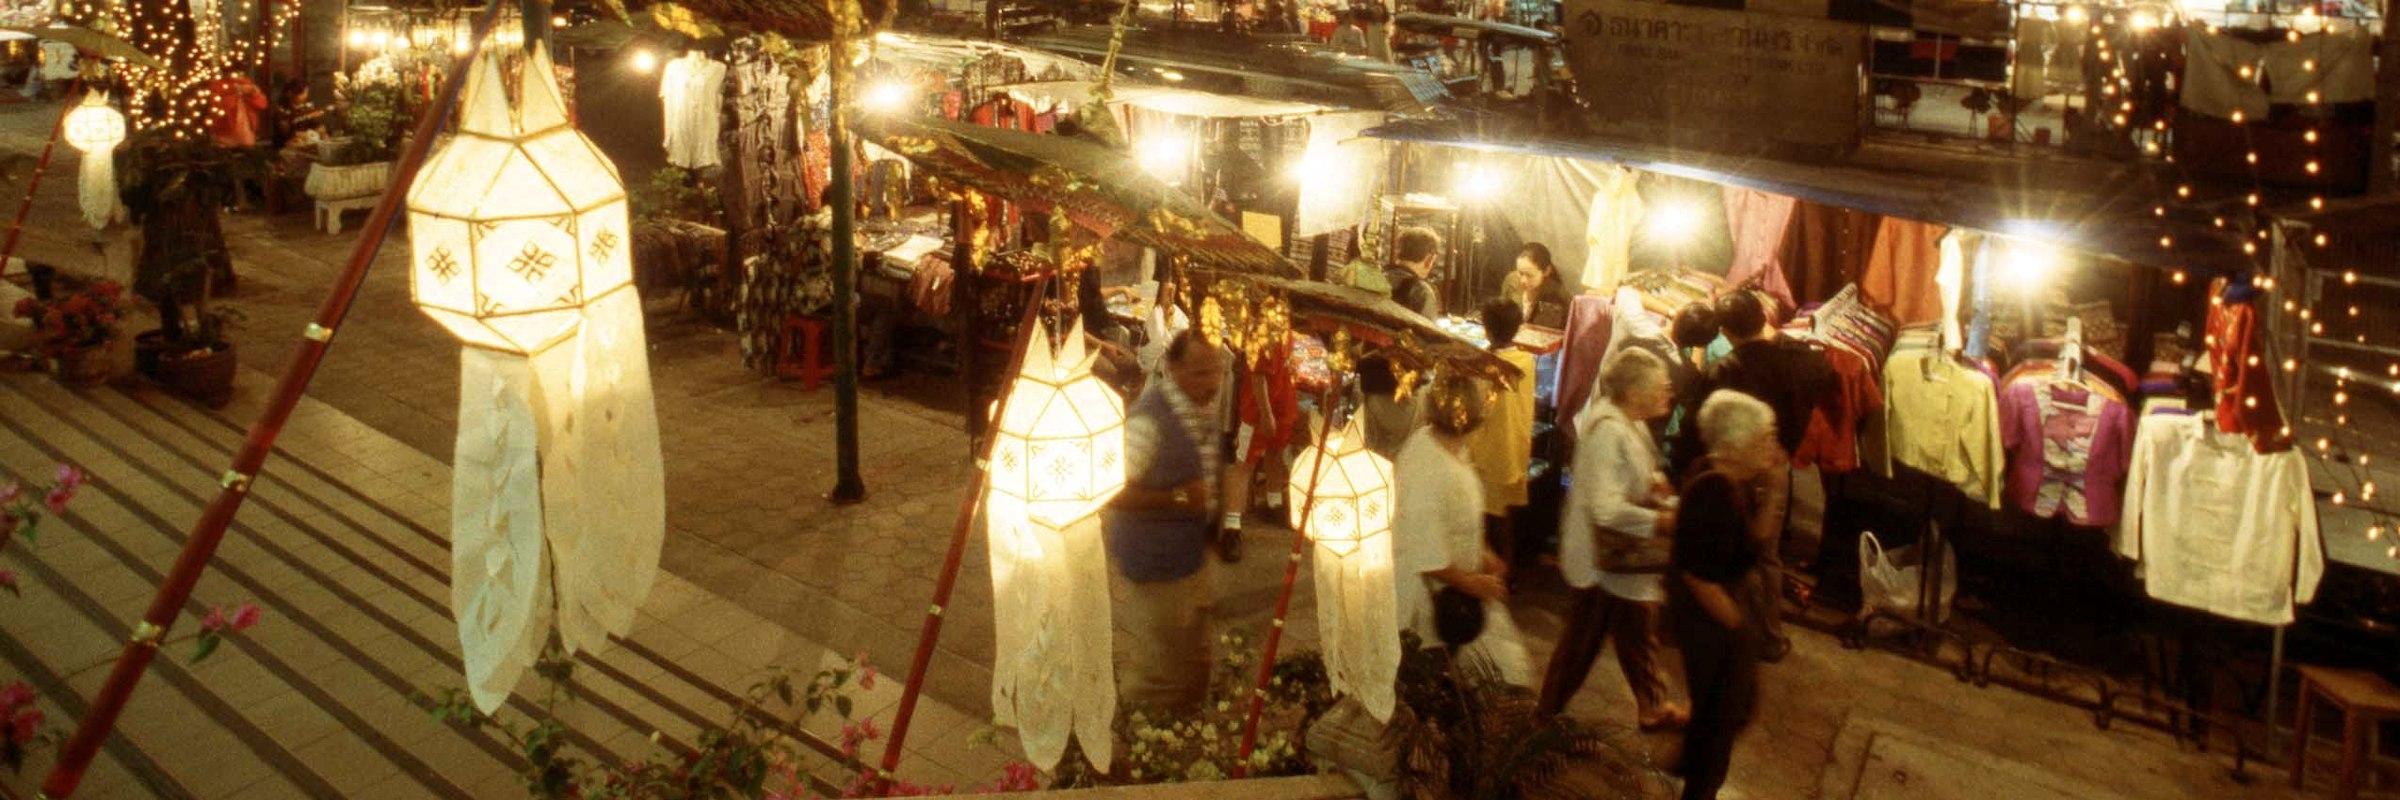 In Chiang Mai sollte man unbedingt den Nightbazar in der Altstadt besuchen. Dieser Nachtmarkt ist einer der aufregendsten und größten in Thailand.